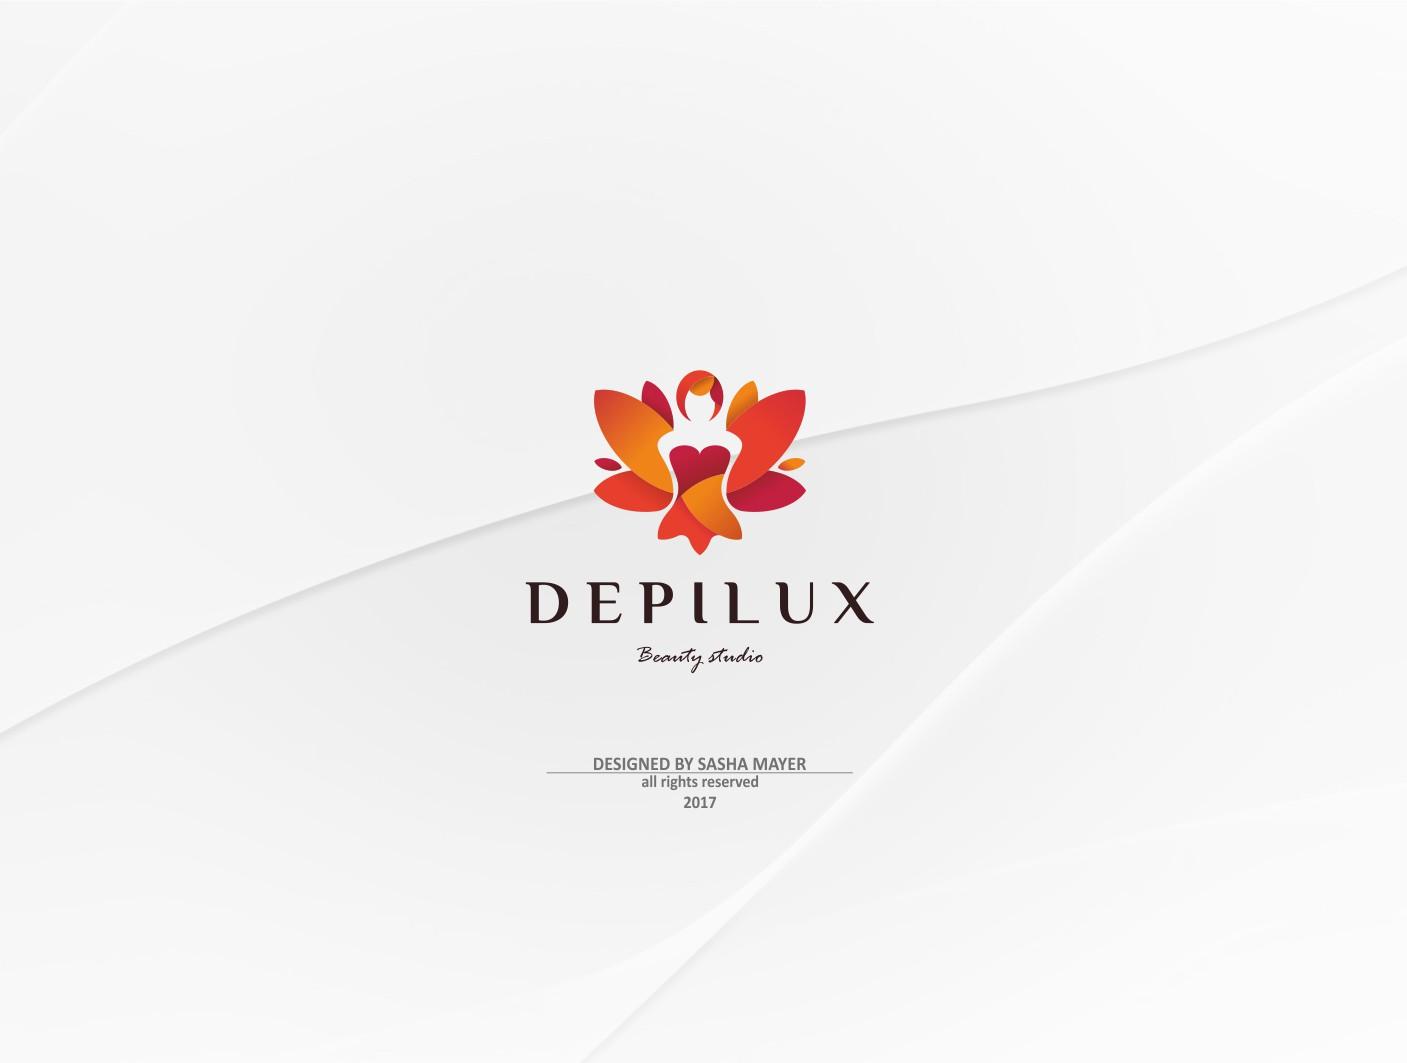 depilux